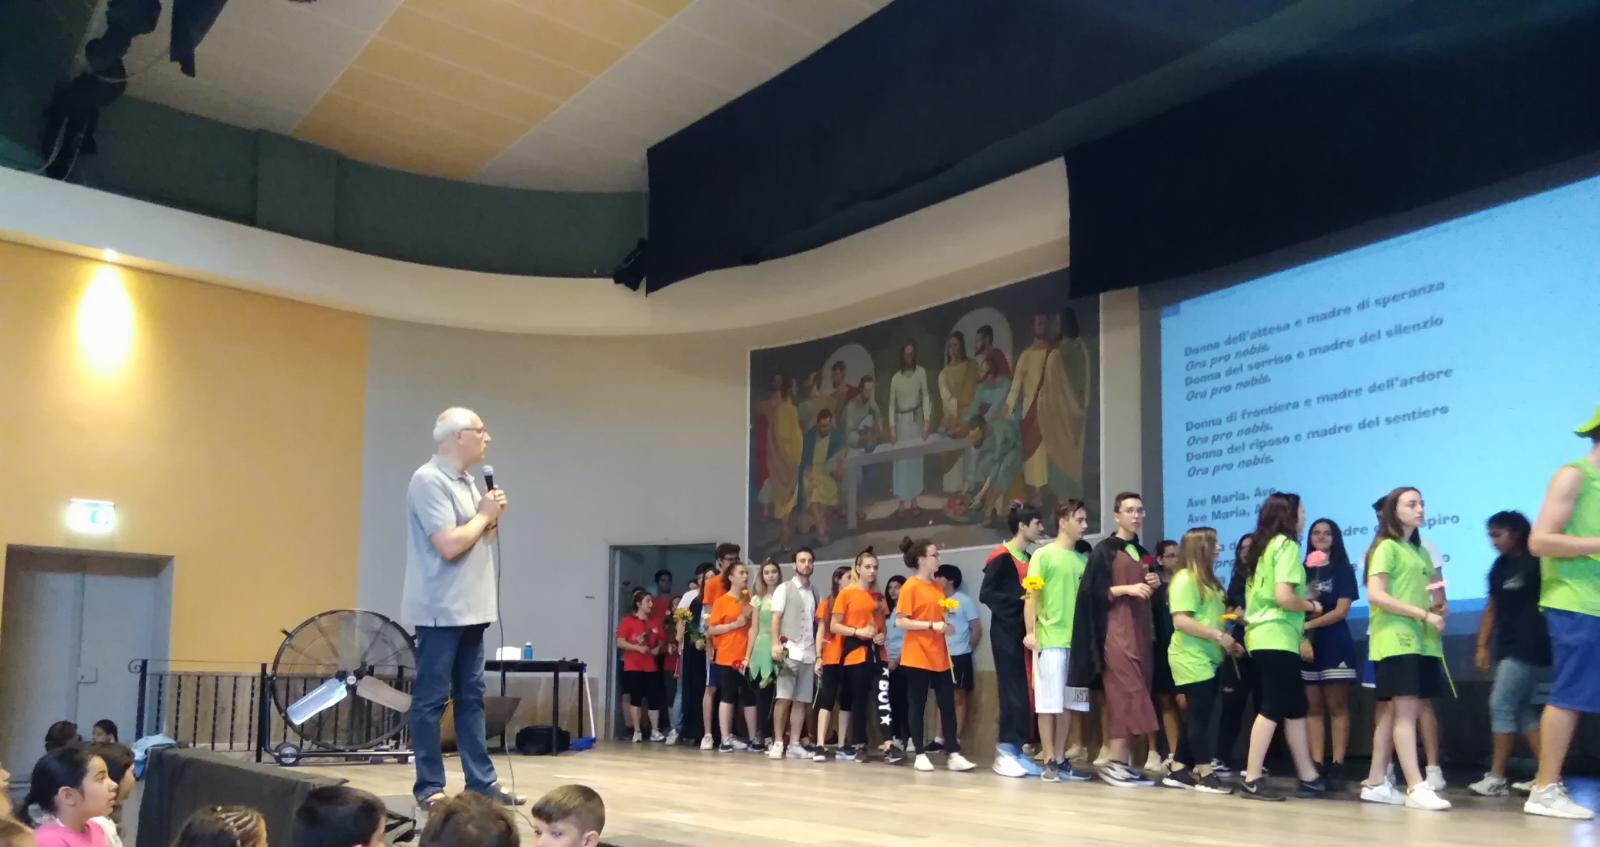 Centro estivo 28/06/2018 – omaggio educatori a Maria